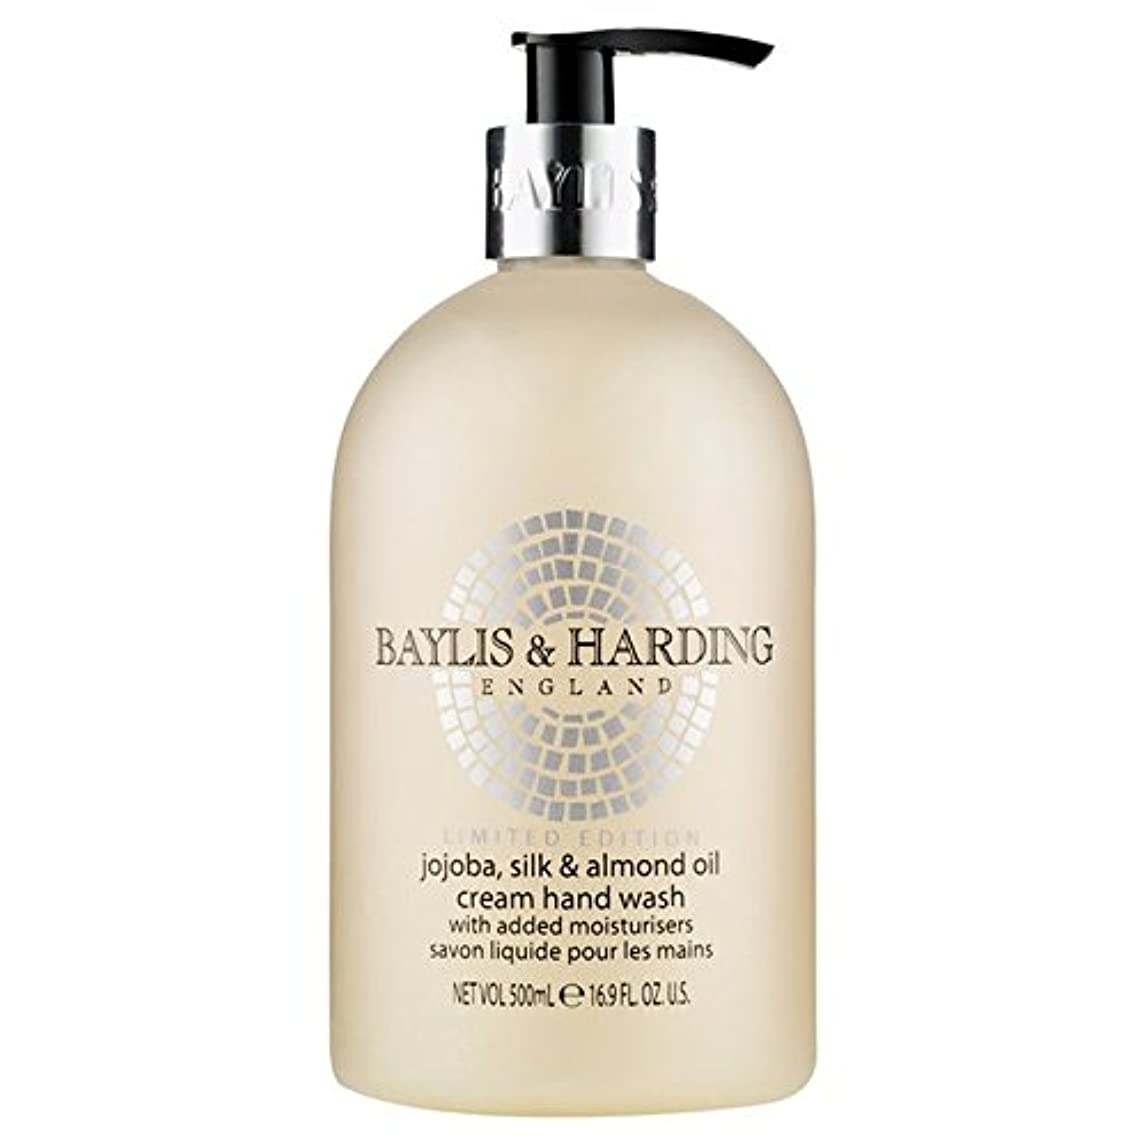 傾いためんどり比類のないBaylis & Harding Jojoba, Silk & Almond Oil Hand Wash 500ml (Pack of 6) - ベイリス&ハーディングホホバ、シルク&アーモンドオイルハンドウォッシュ500ミリリットル x6 [並行輸入品]